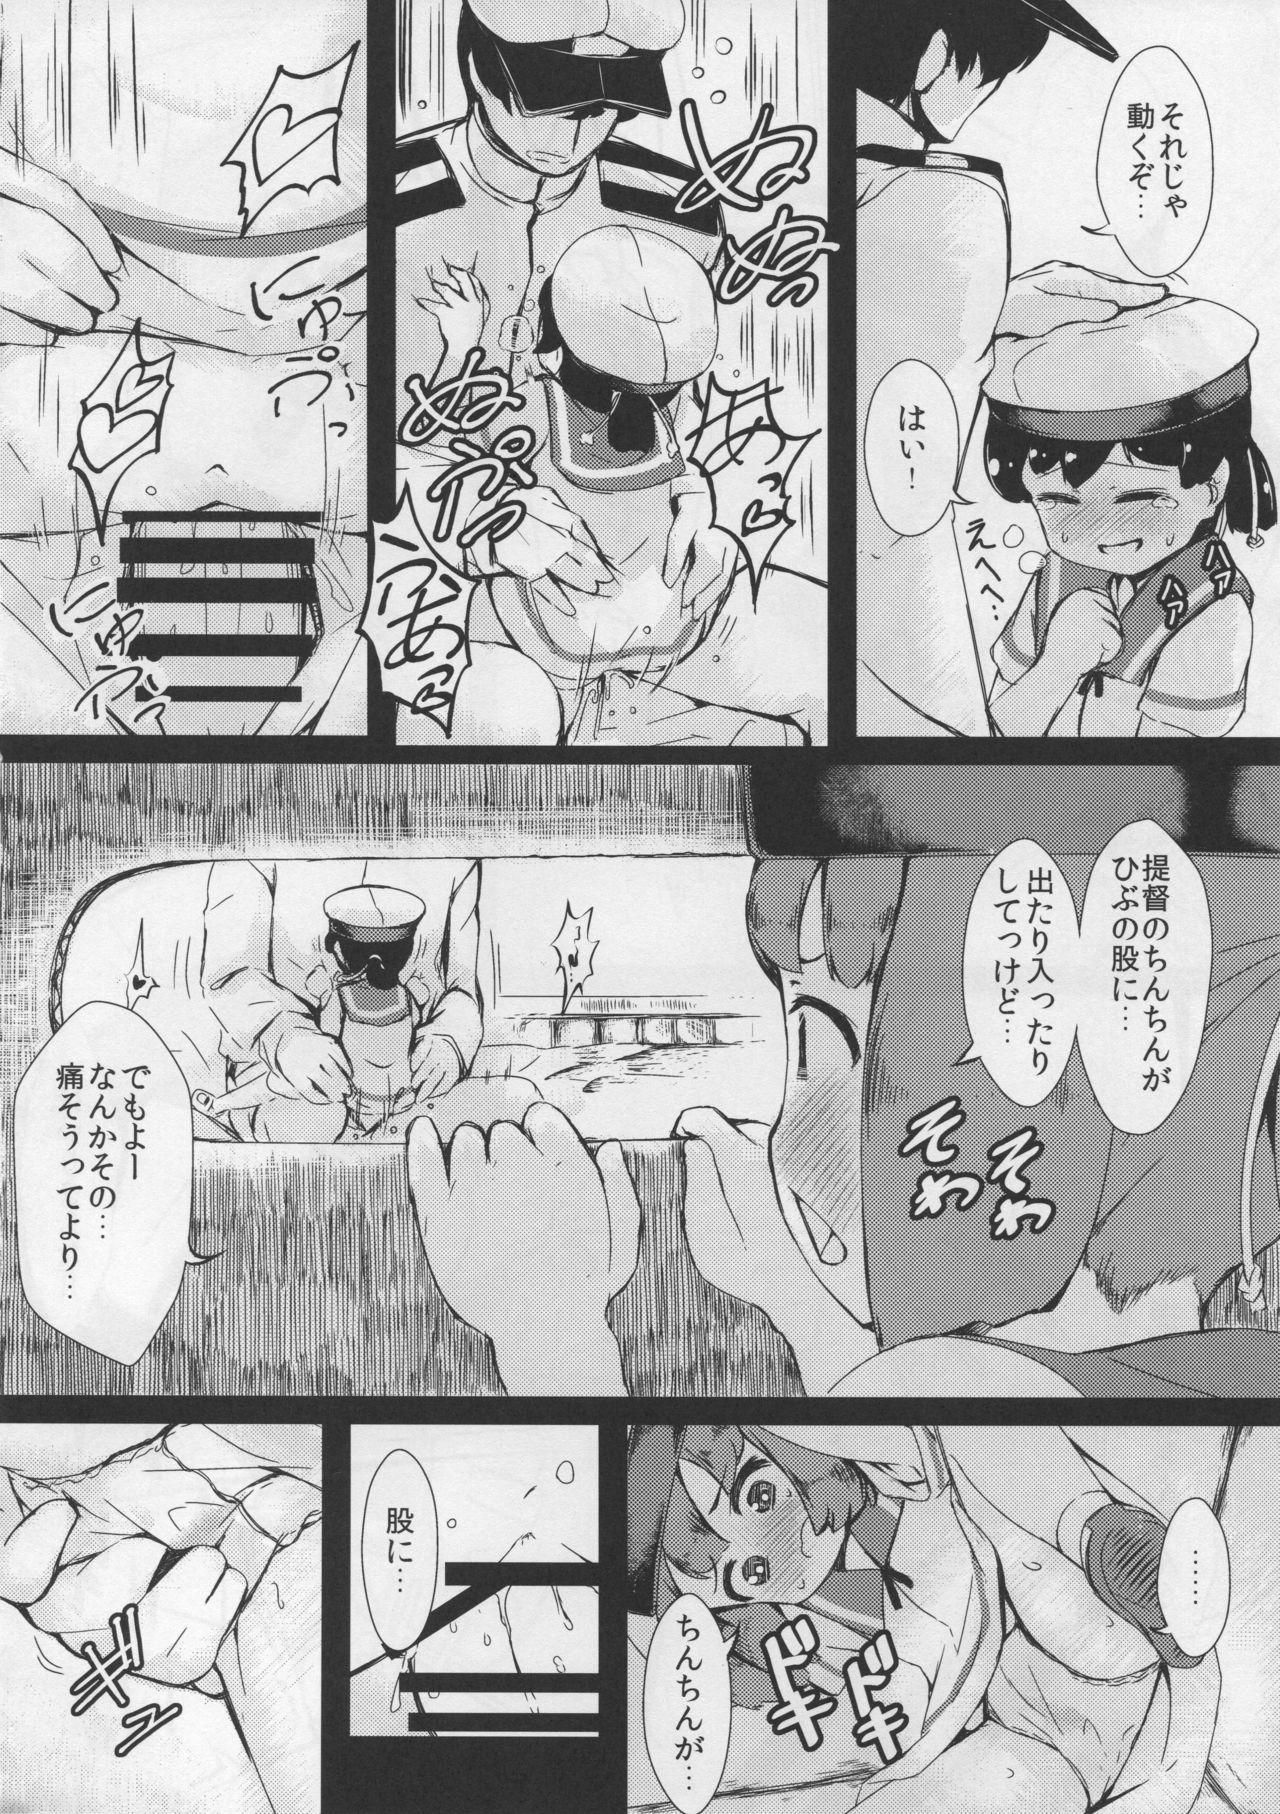 Daitou to Hiburi to Kimochi no Ii Koto 6